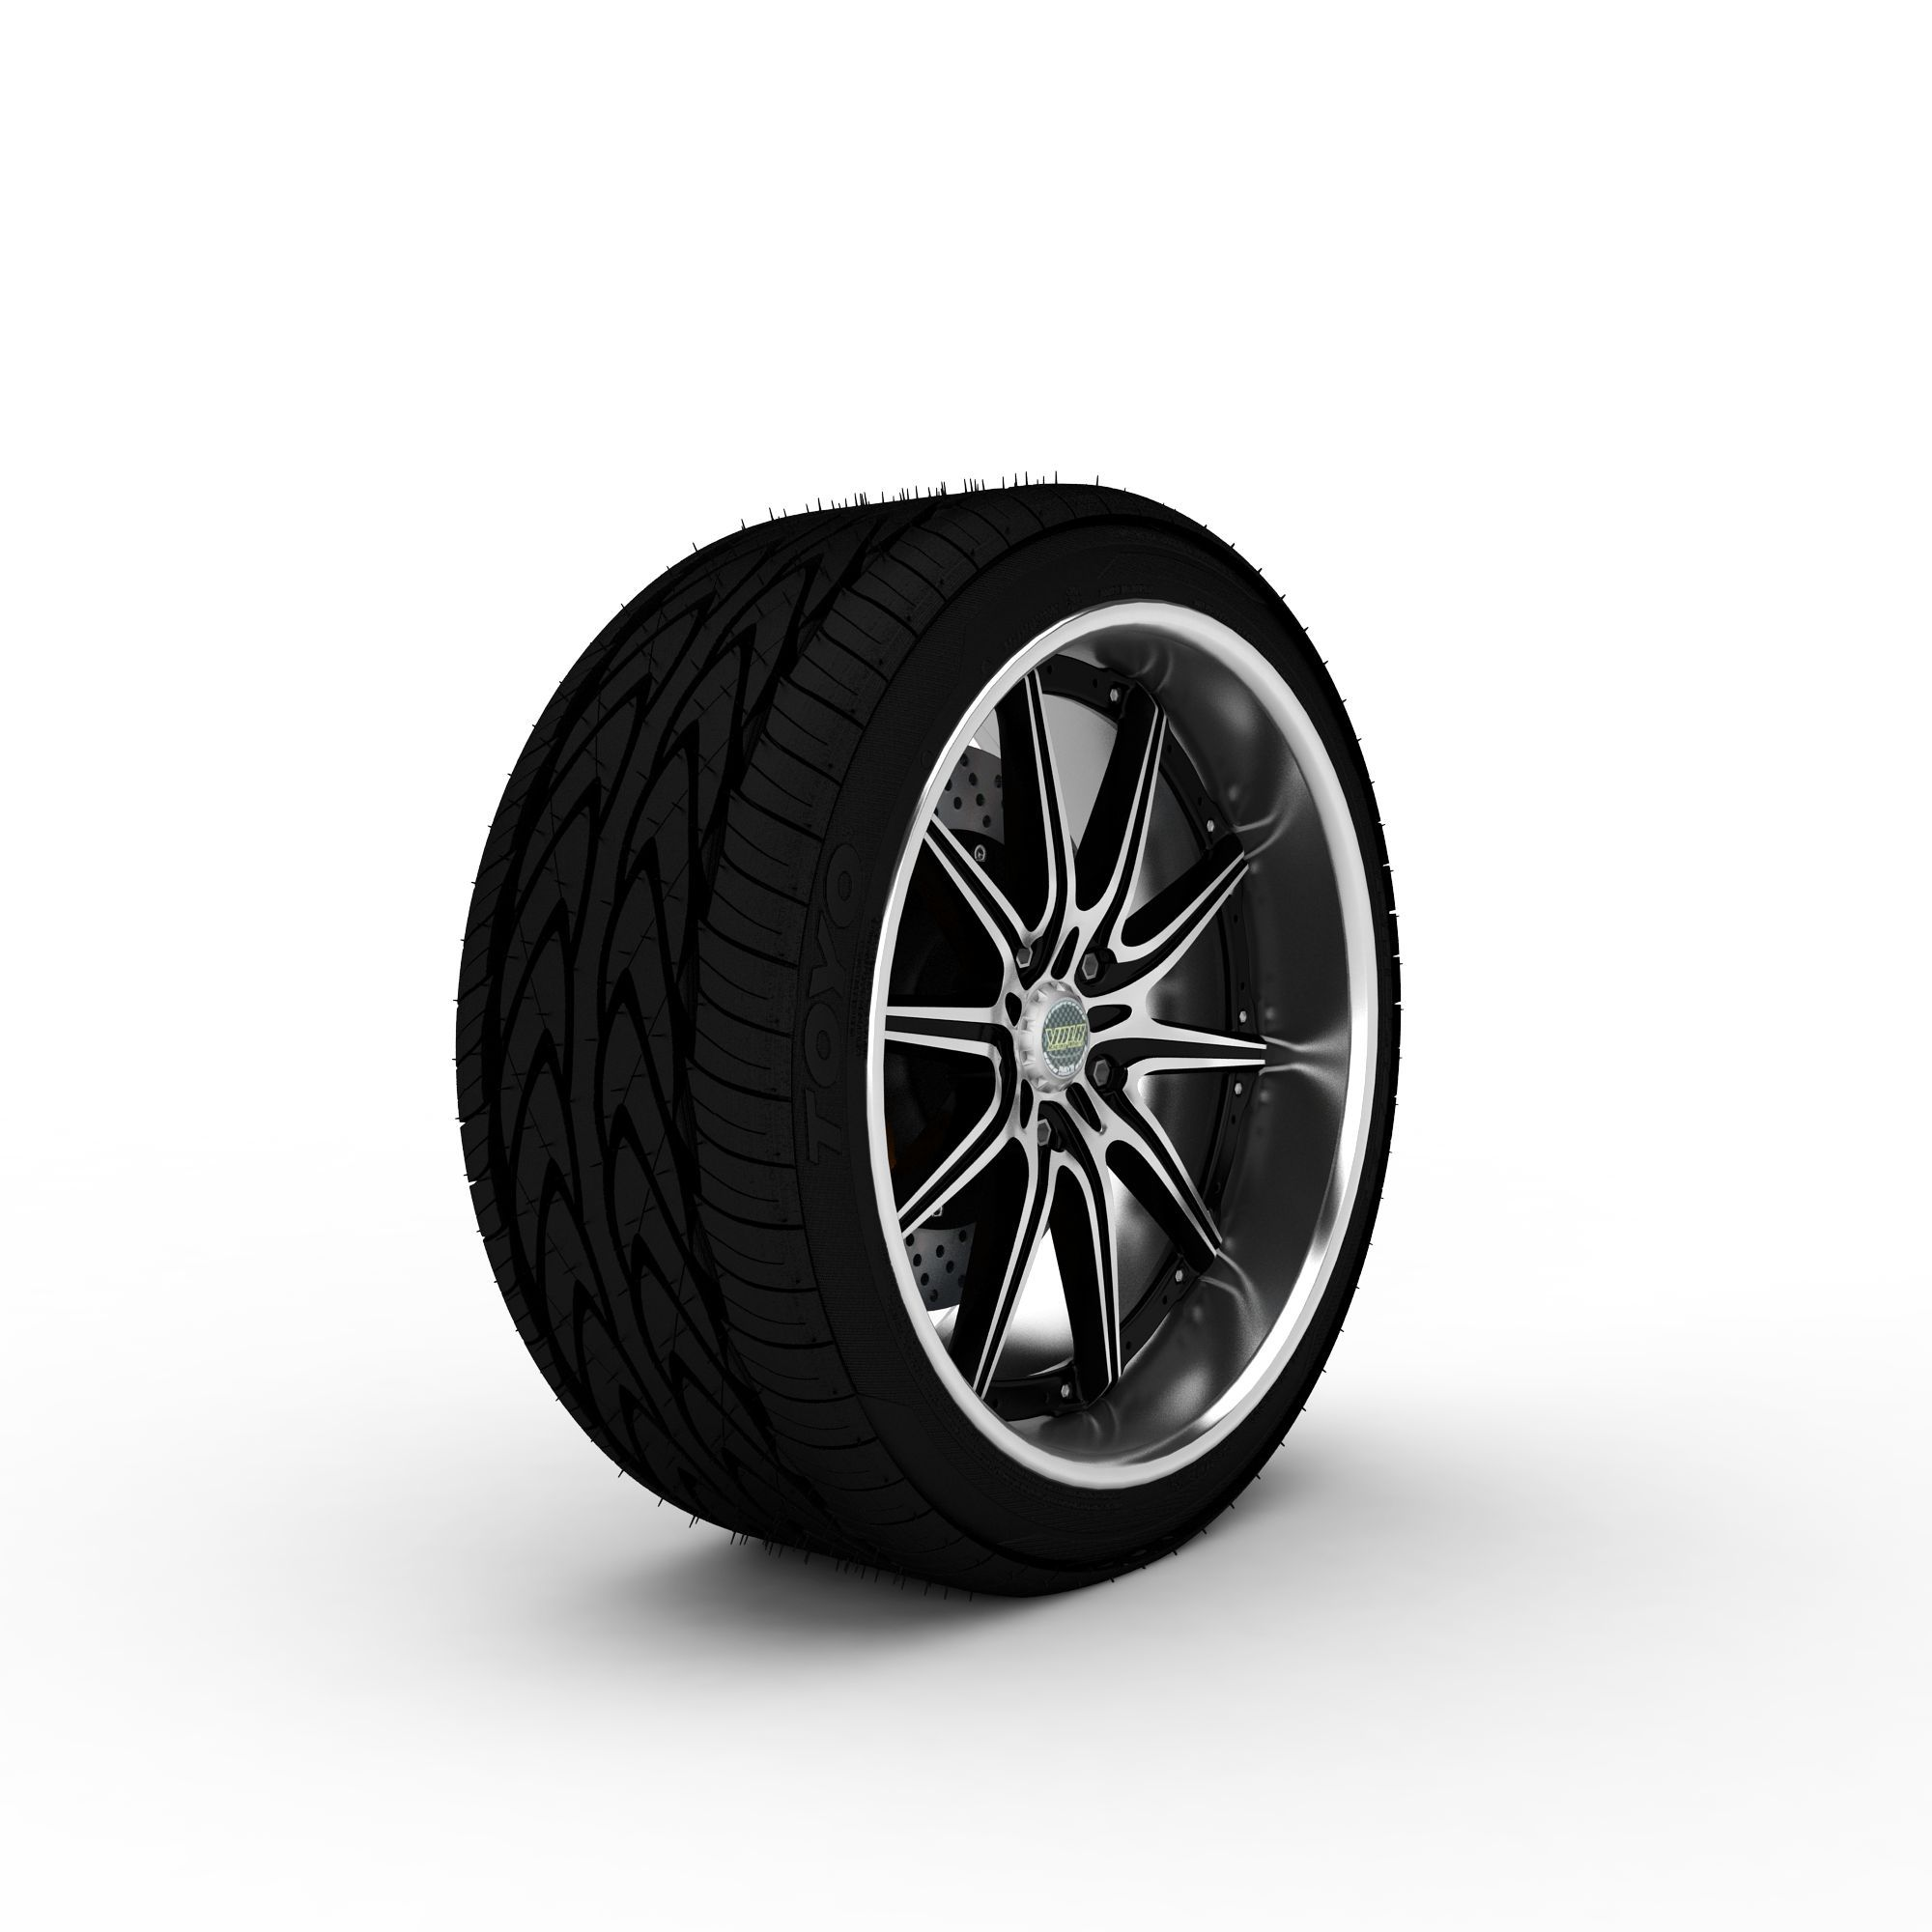 汽车轮胎图片_汽车轮胎png图片素材_汽车轮胎png高清